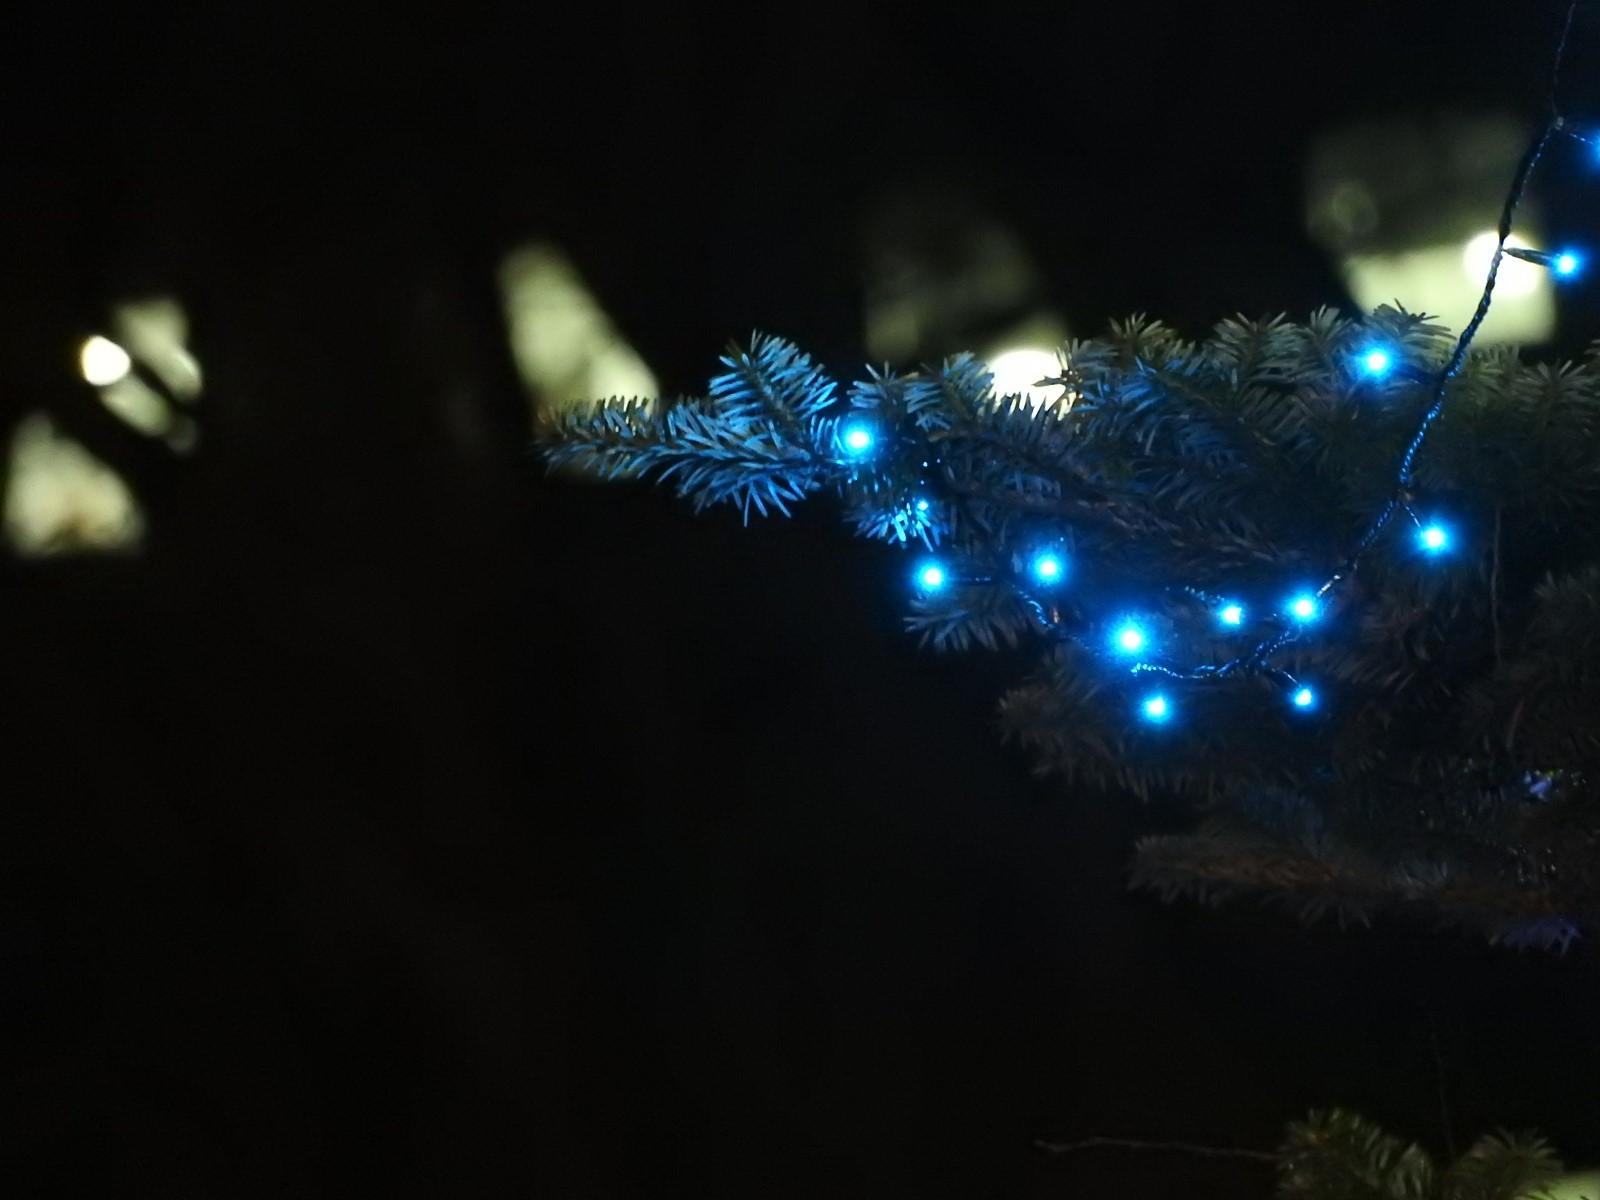 冬のホタルと 冬の星座_e0406450_15091180.jpg